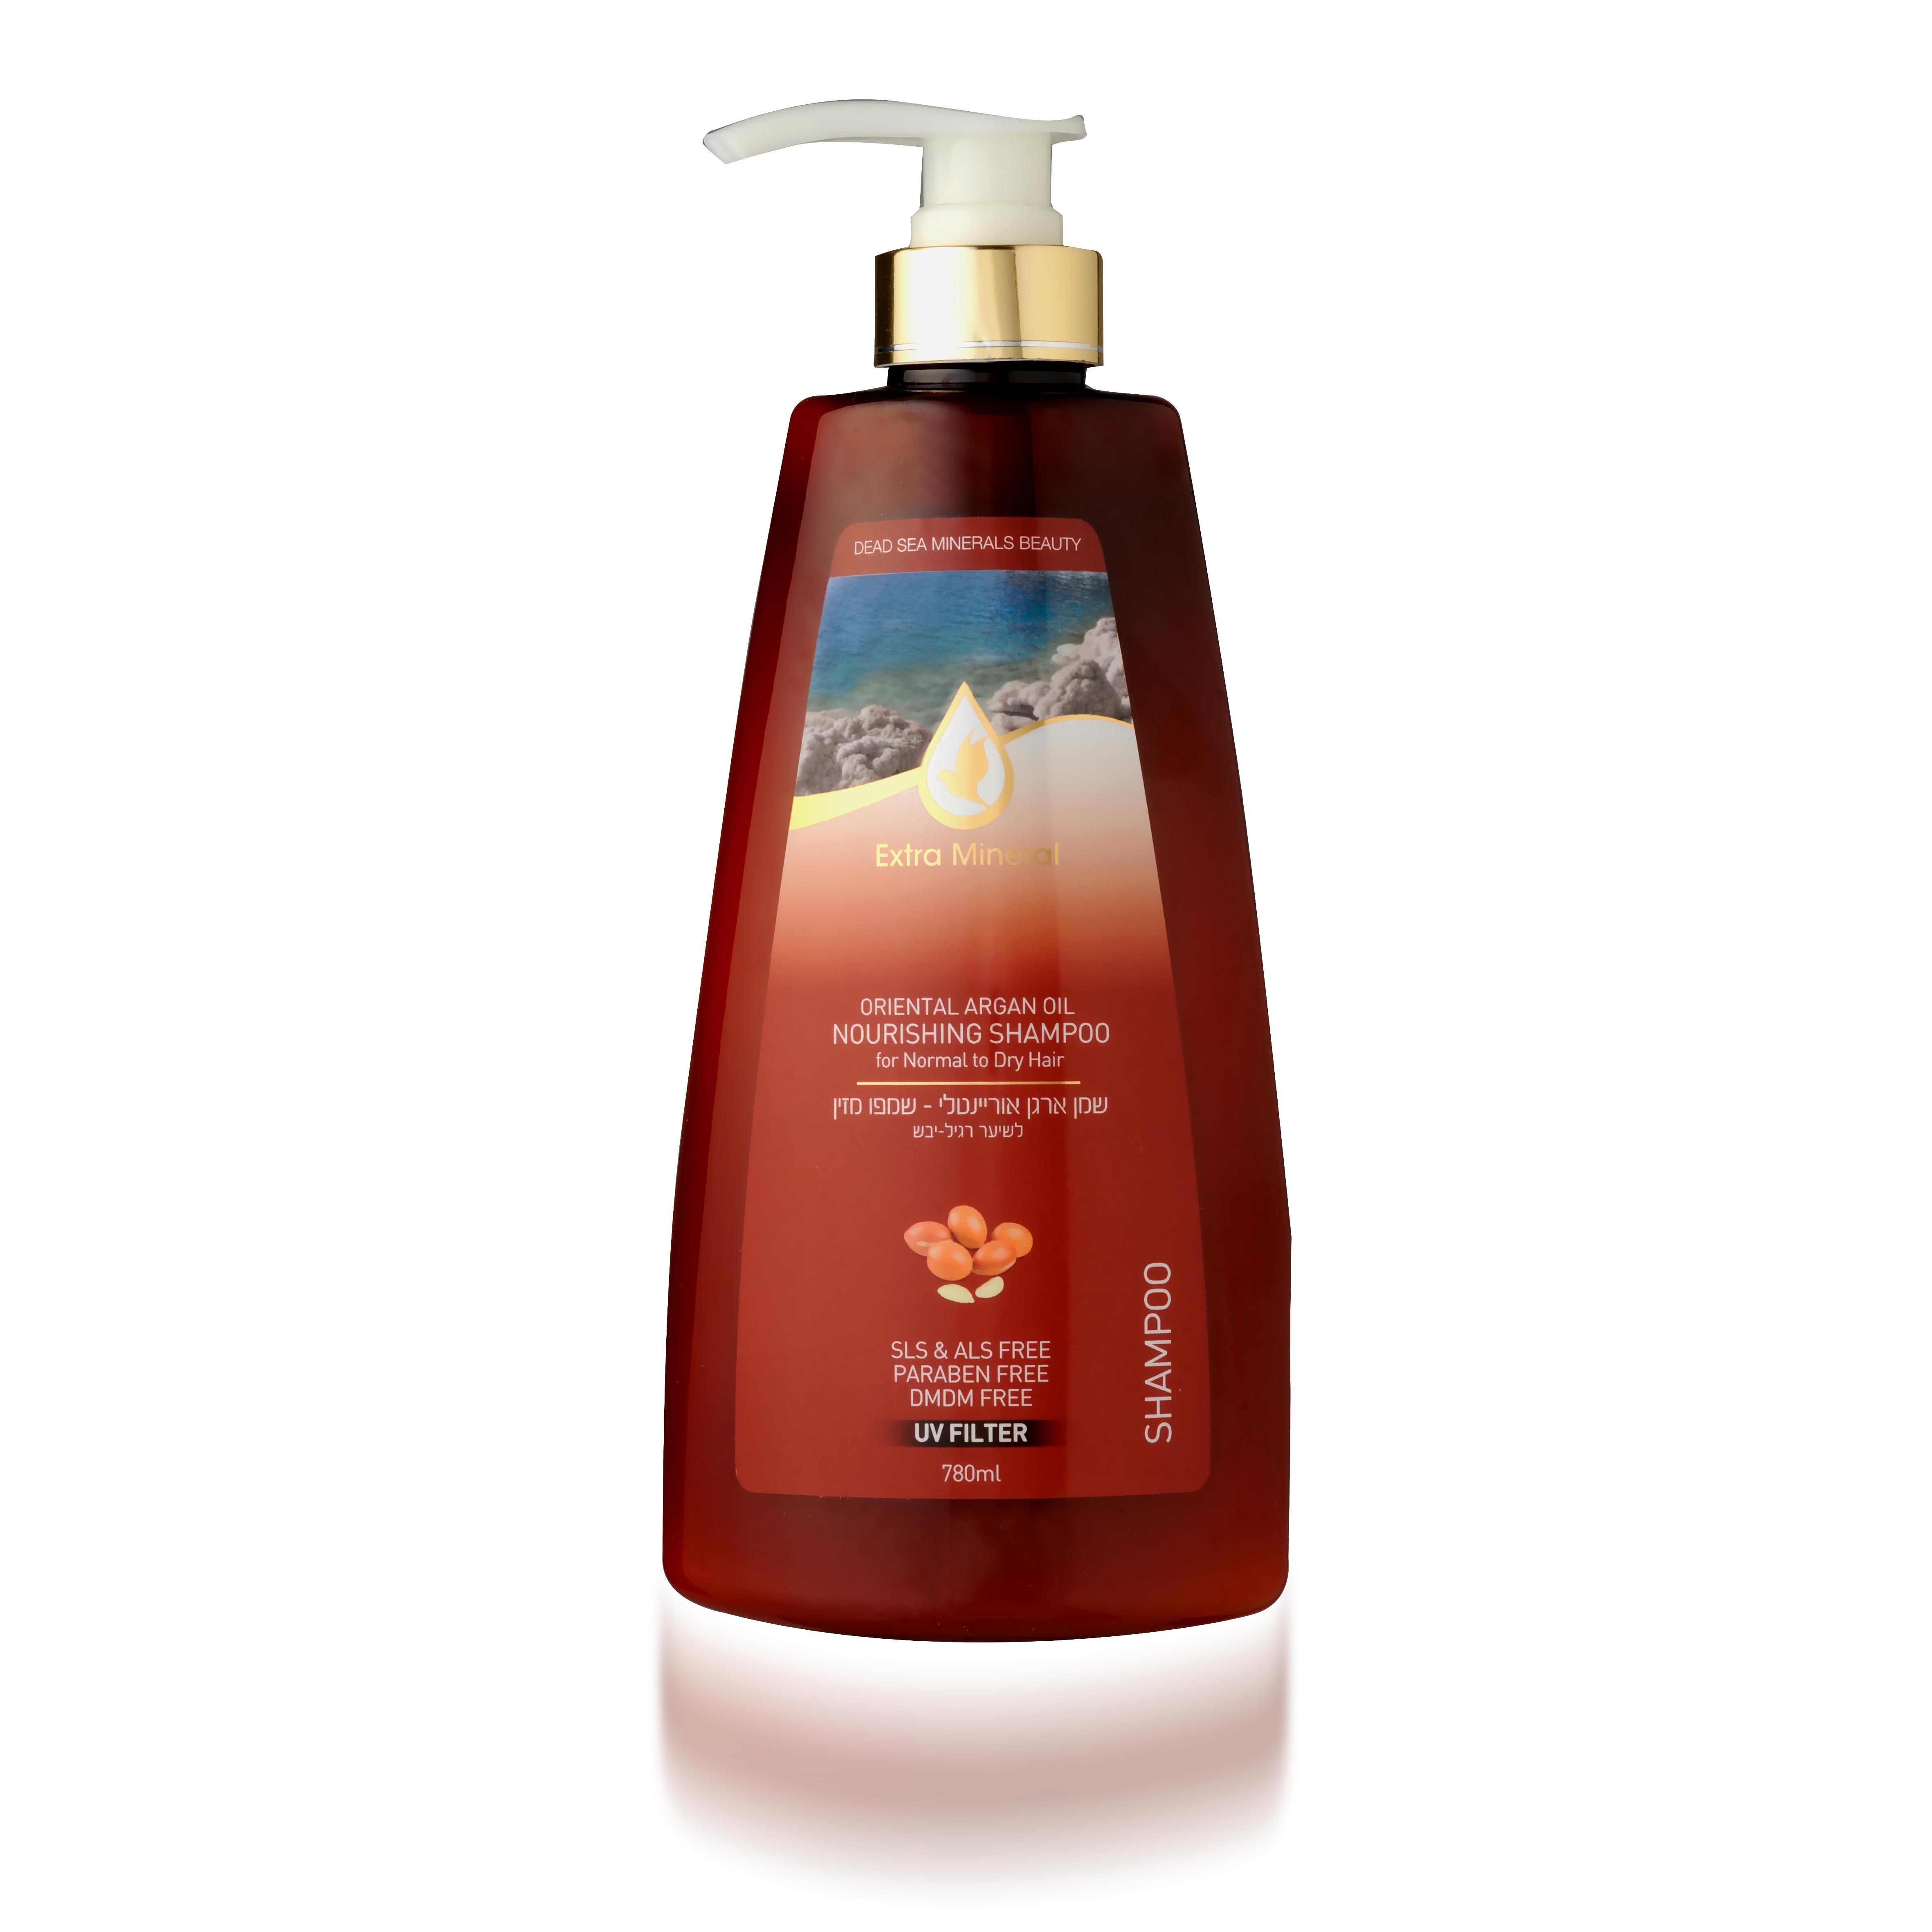 Extra Mineral Питательный шампунь для нормальных и сухих волос с маслом Арганы 780 млEXM2004Шампунь Extra Mineral с маслом арганы, питательный. Содержит аргановое масло, витамин B5, витамин Е, минералы Мертвого моря. В составе содержит UV-фильтр, который защищает волосы от ультра-фиолетовых лучей, очищает волосы от соли, хлора и песка, восстанавливает баланс кожи головы. Волшебное сочетание активных натуральных компонентов благотворно влияет на волосы и кожу головы, волосы увлажняются и питаются, становятся шелковистыми. Нежная легкая пена дает ощущение свежести. Вы сразу почувствуете, как волосы начинают дышать, а изысканный легкий ореховый аромат не оставит вас равнодушным и даст заряд хорошего настроения на целый день! Благодаря активному действию минералов Мертвого моря волосы насыщаются необходимыми минералами, волосы оздоравливается, улучшается их внешний вид; улучшается клеточный метаболизм кожи головы и лица, стимулируется синтез белка, повышается регенерация клеток. Минералы обладают сильными антиаллергенными свойствами и являются мощными антиоксидантами; повышается...